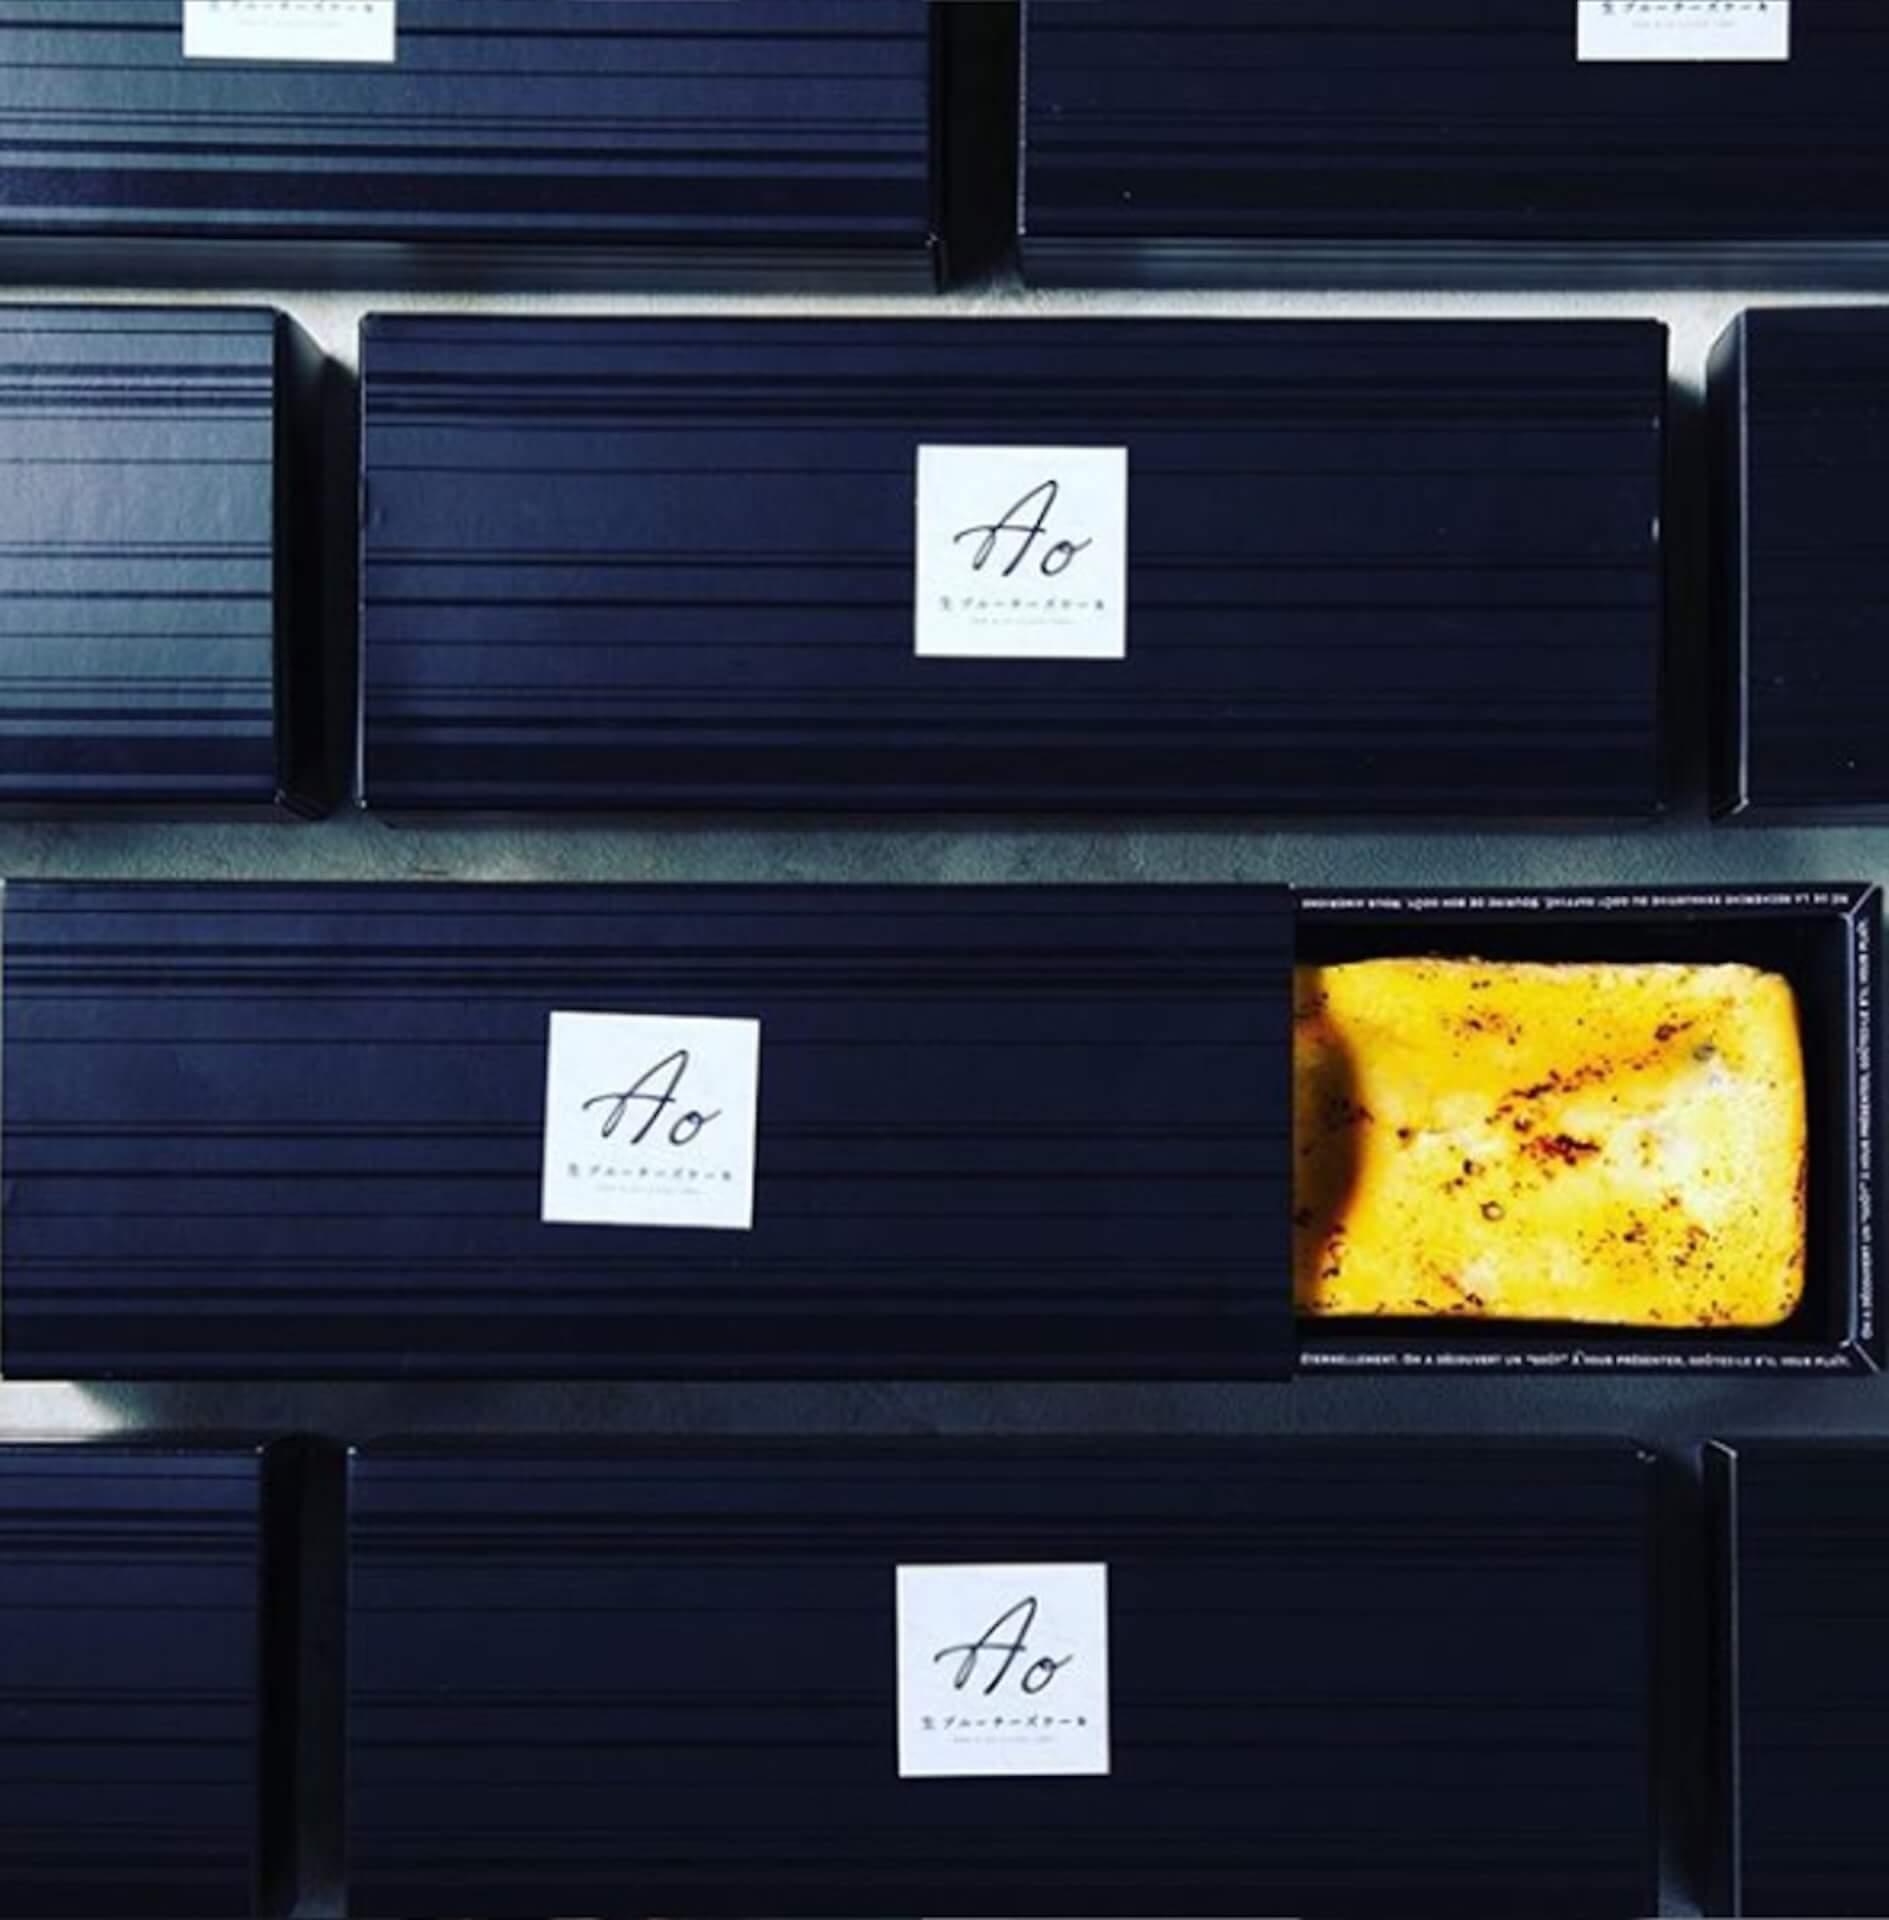 連日30分で完売の生ブルーチーズケーキ青が期間限定でルミネエスト新宿にオープン!芳香な香りのとろける生食感 gourmet200804_bluecheesecake_02